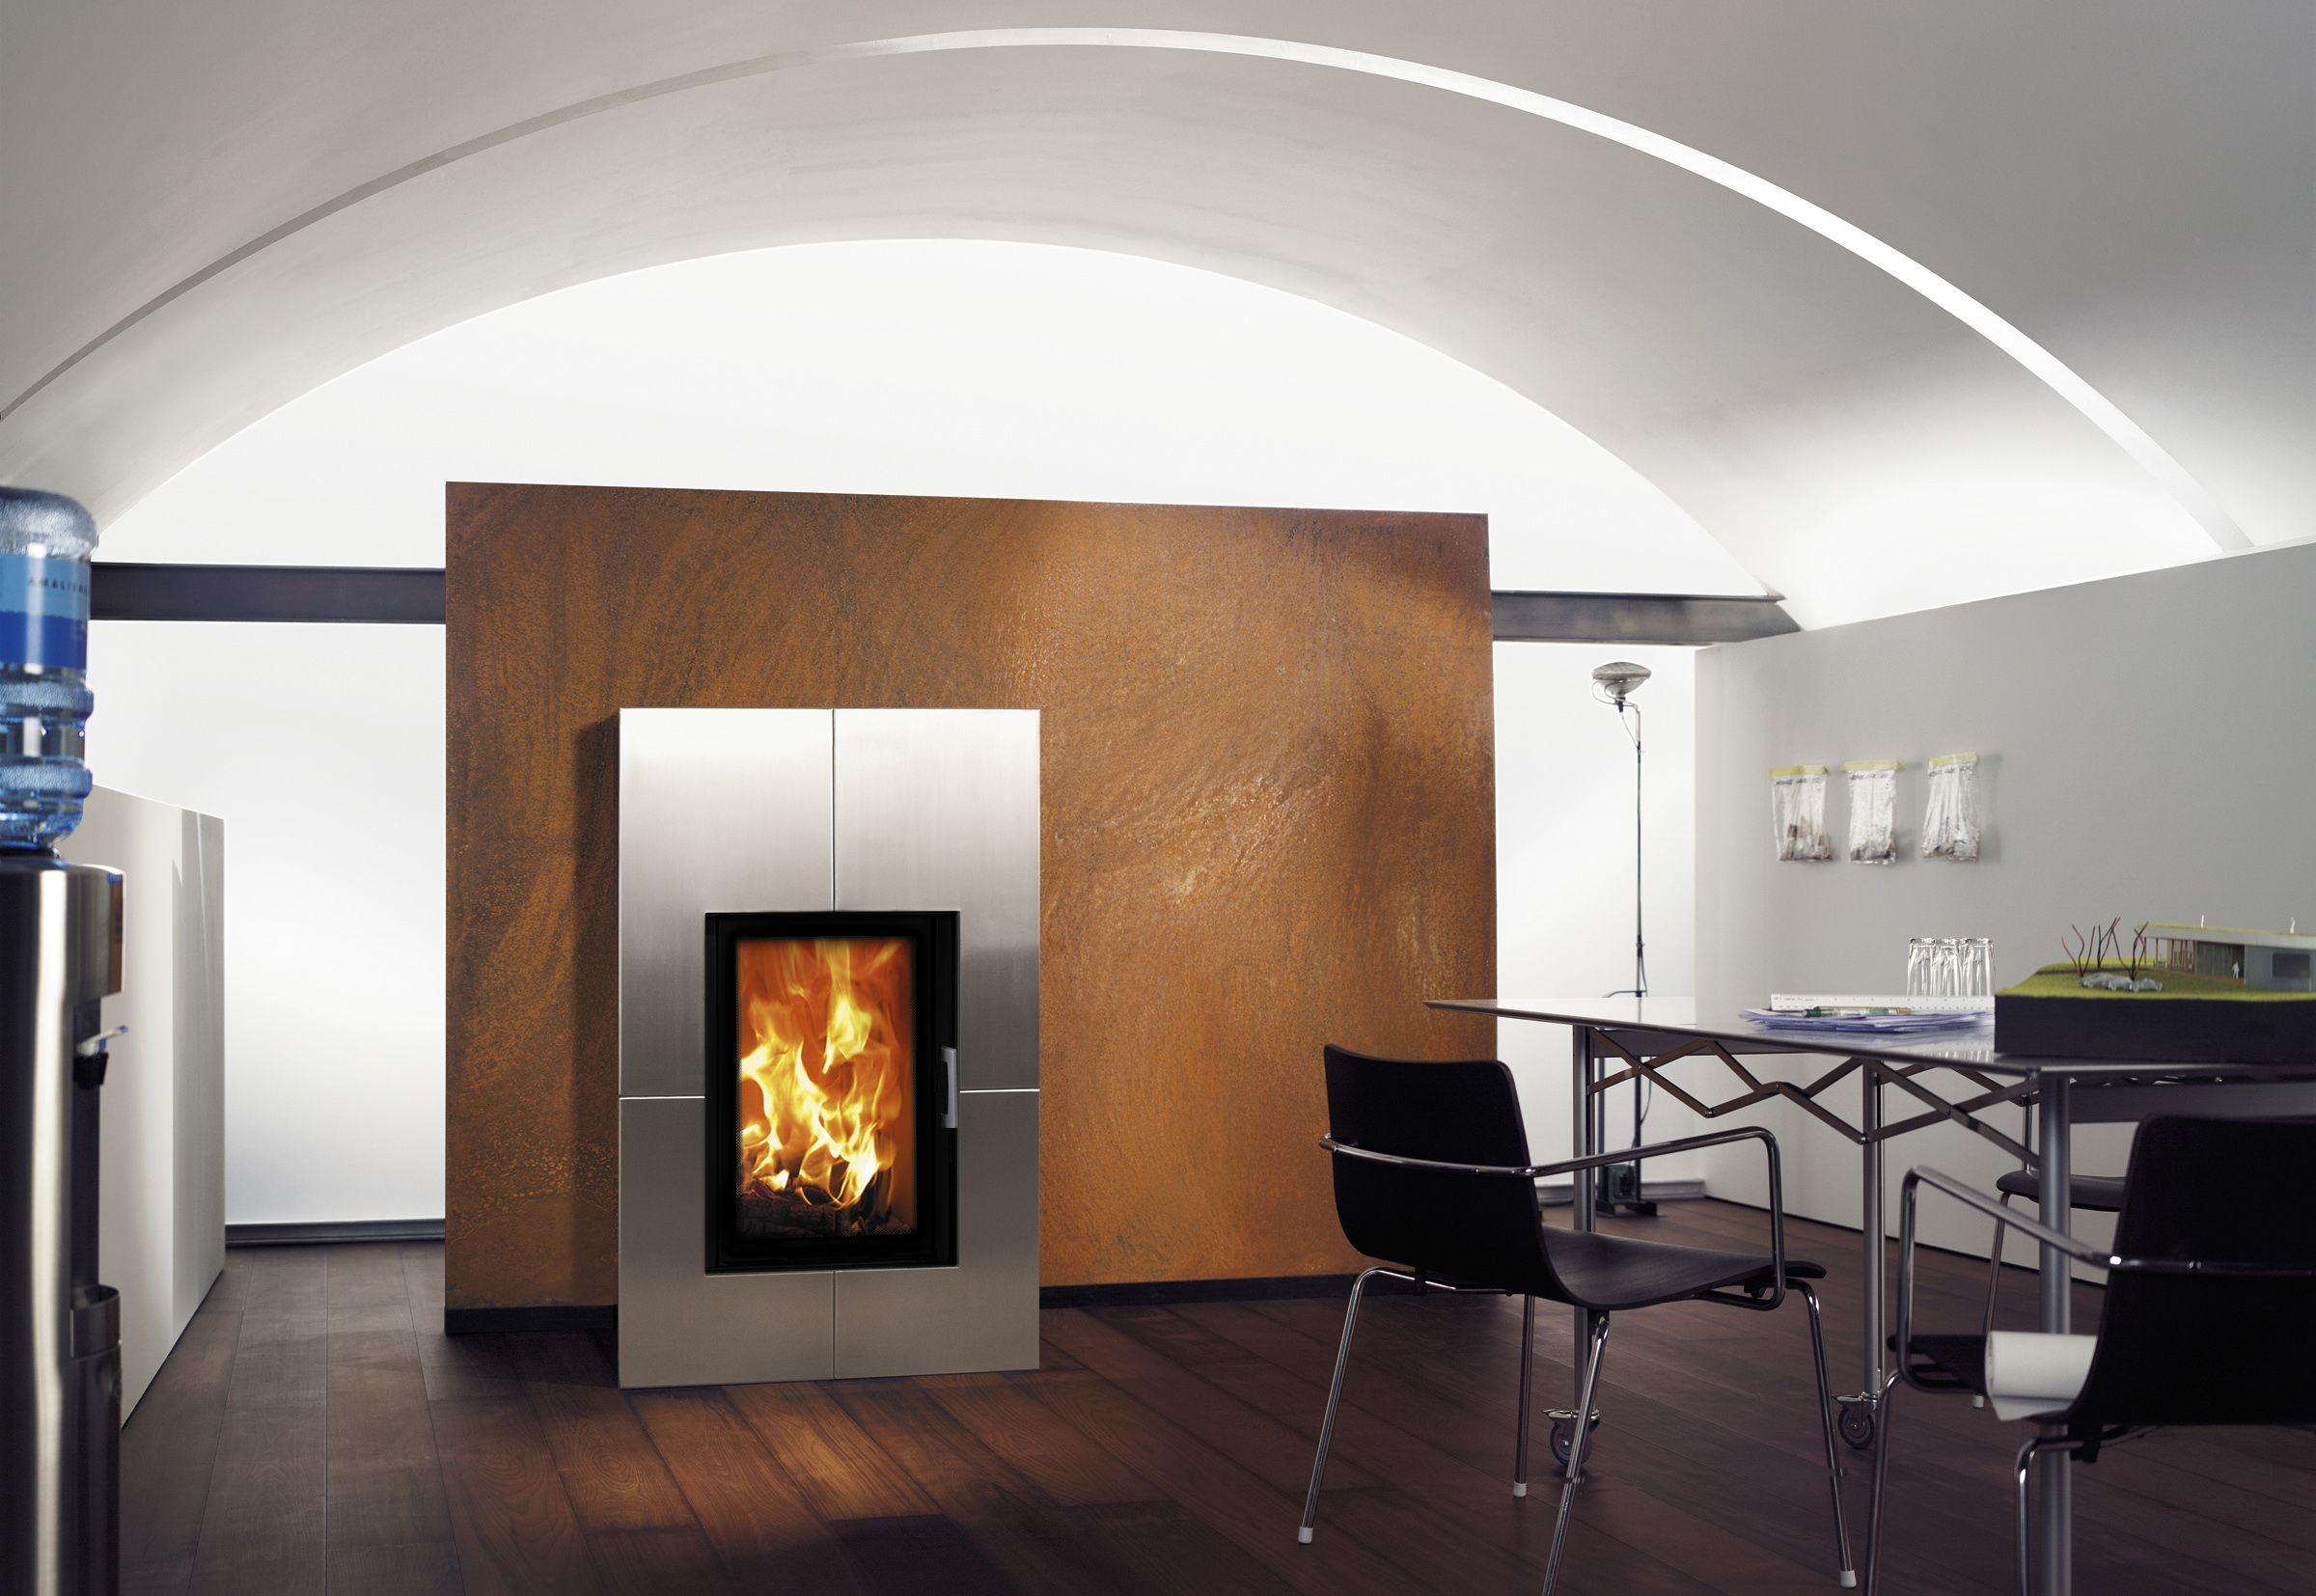 Kamin Braunschweig modernes wohnen modernes kamin design wir unterstützen euch bei